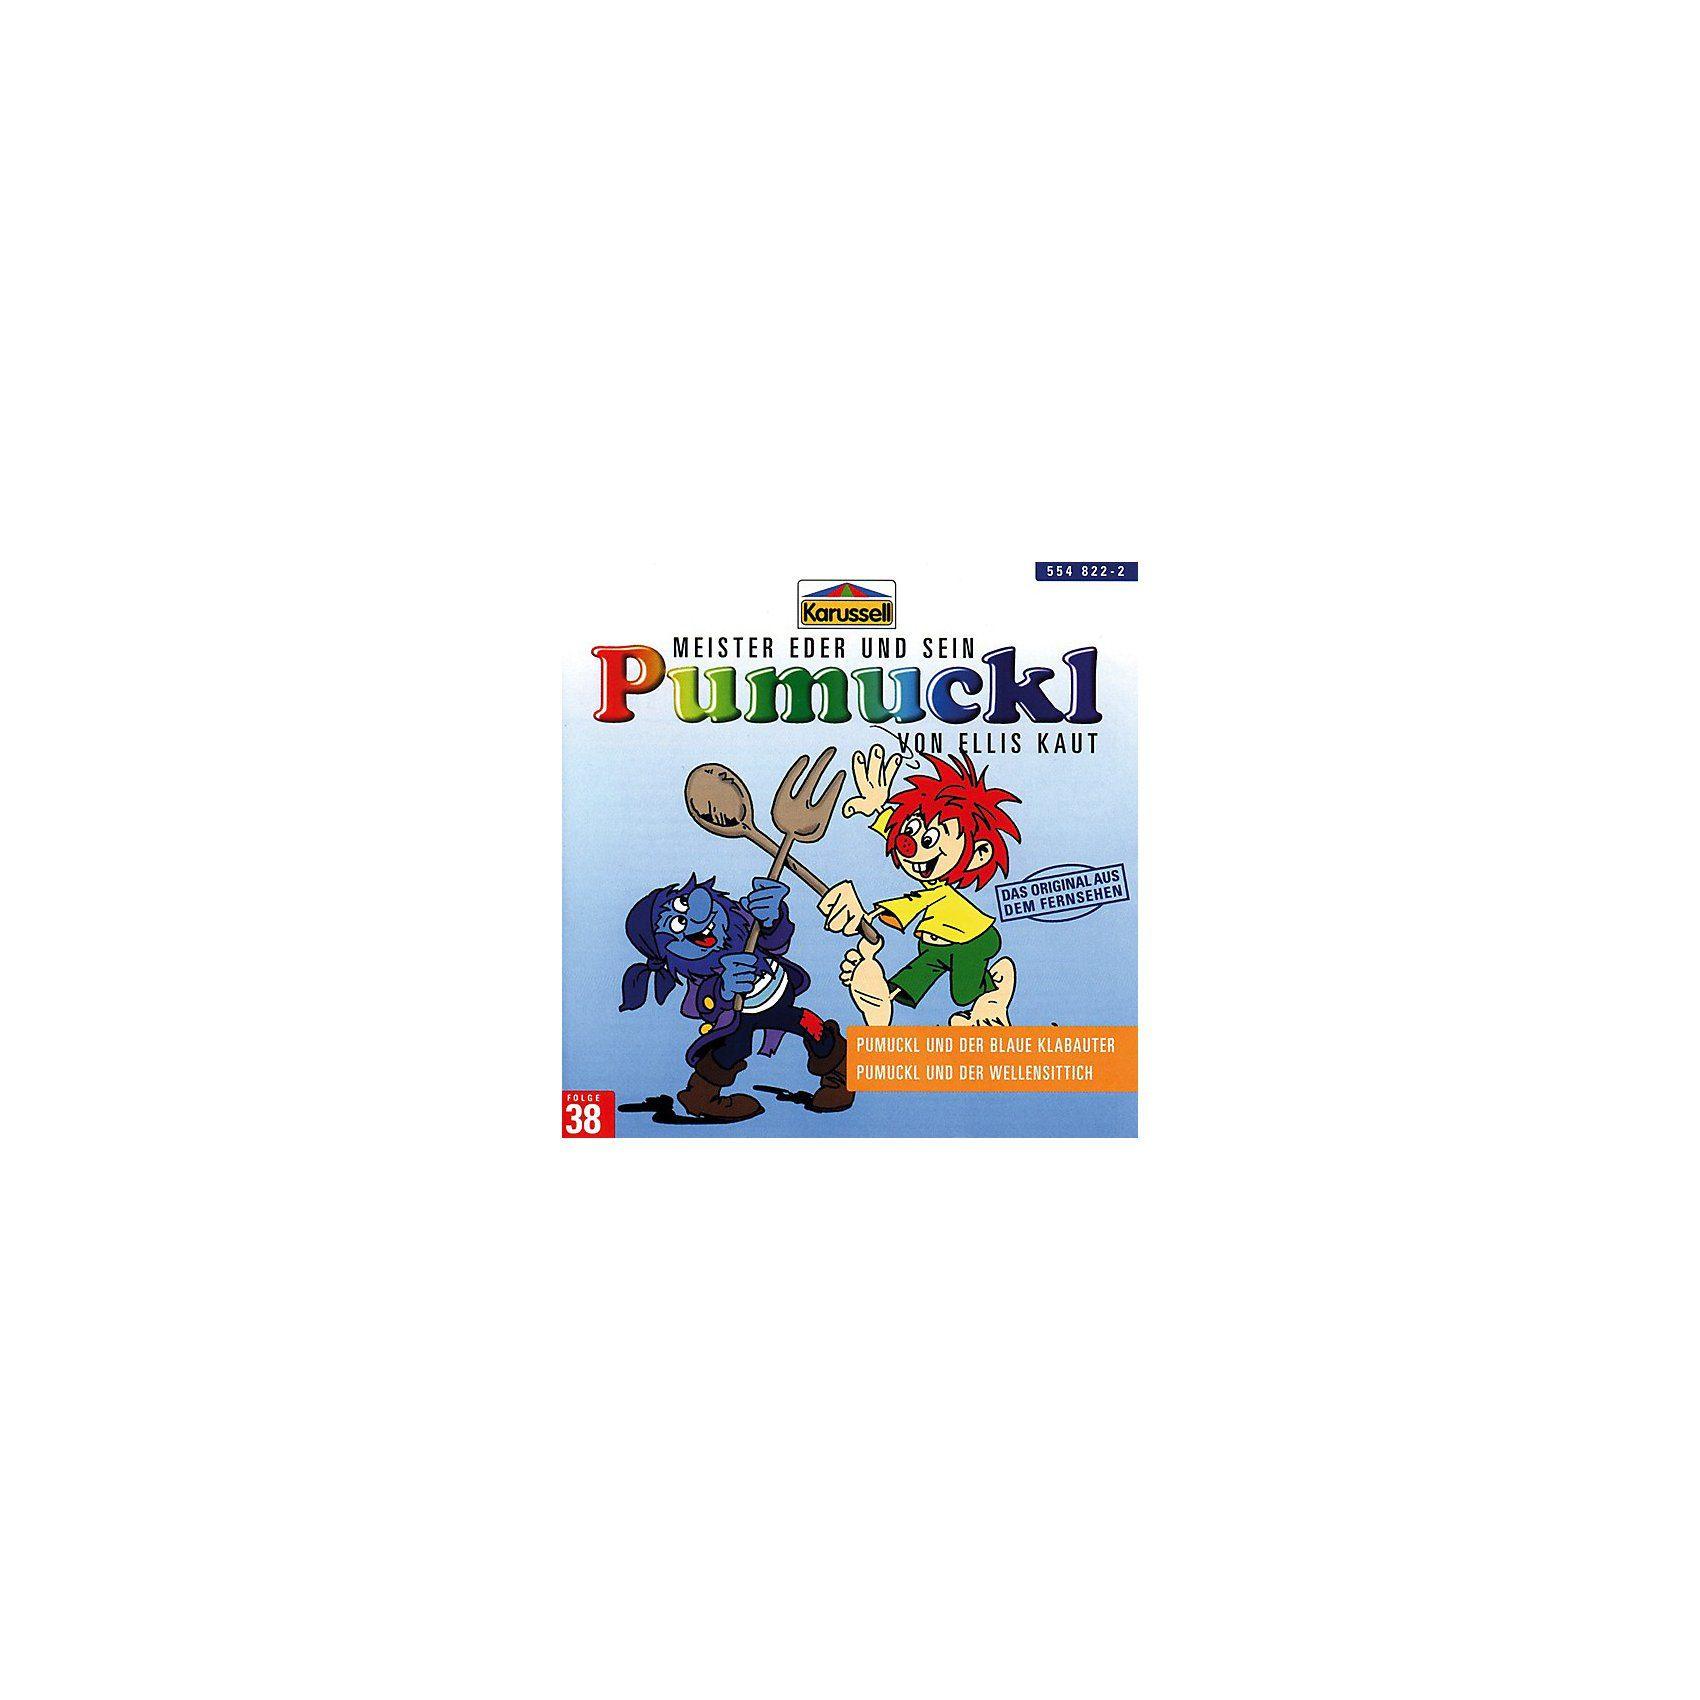 Universal CD Pumuckl 38 - und der blaue Klabauter